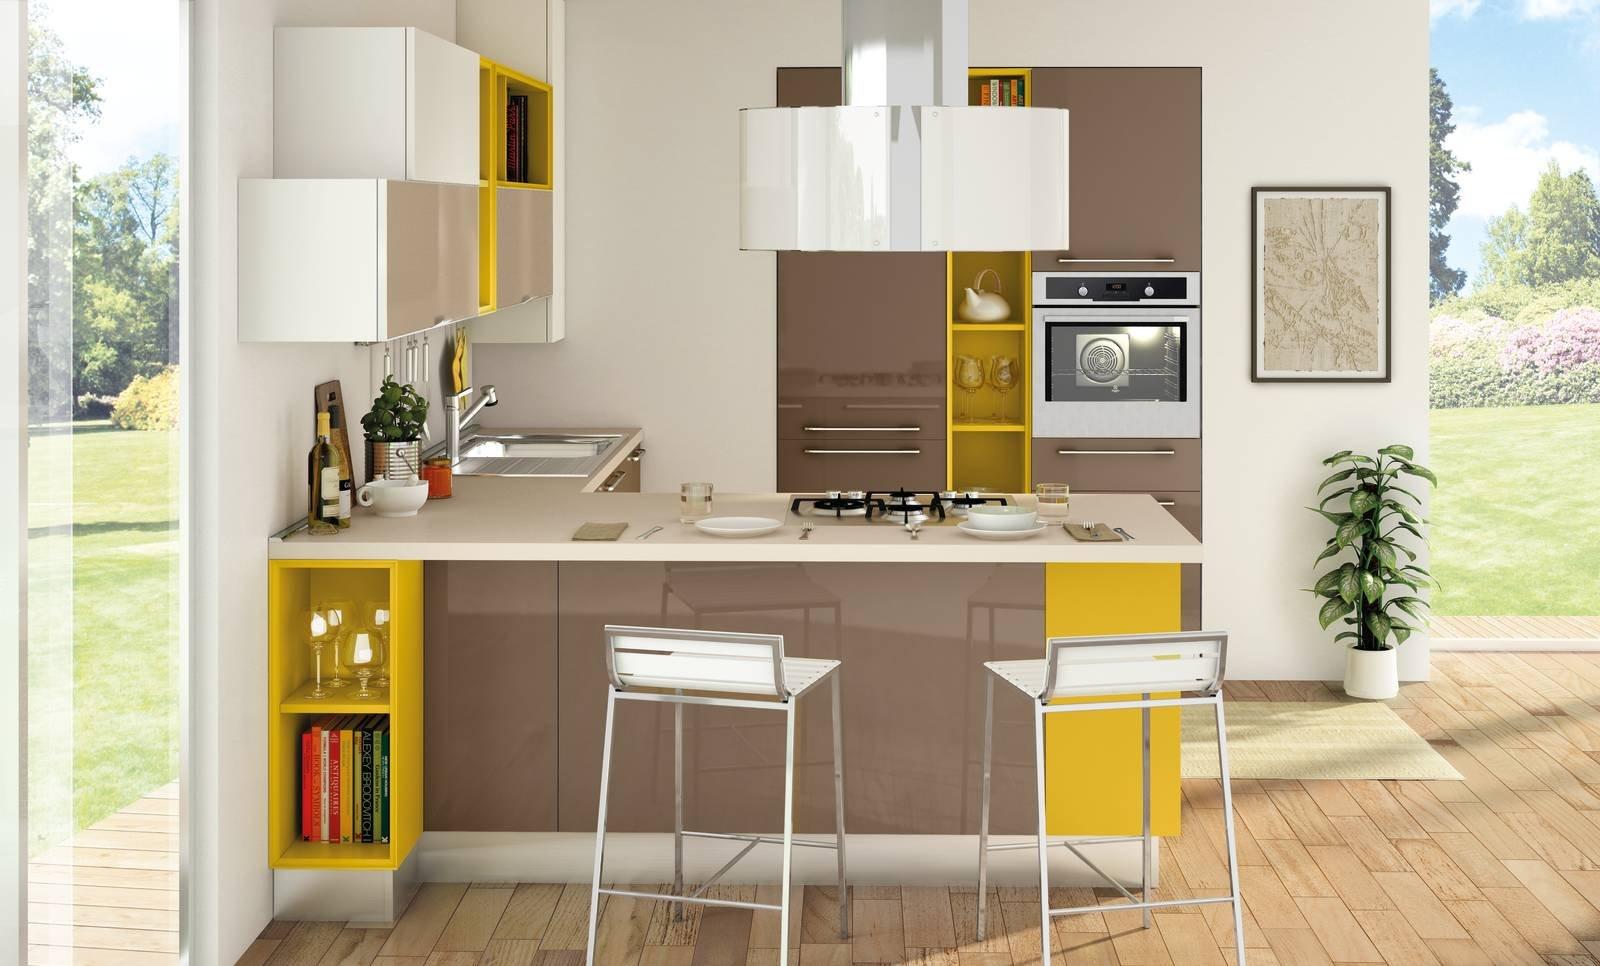 Mobili Per Cucina Piccola mini cucina: 5 soluzioni per la cucina piccola - cose di casa